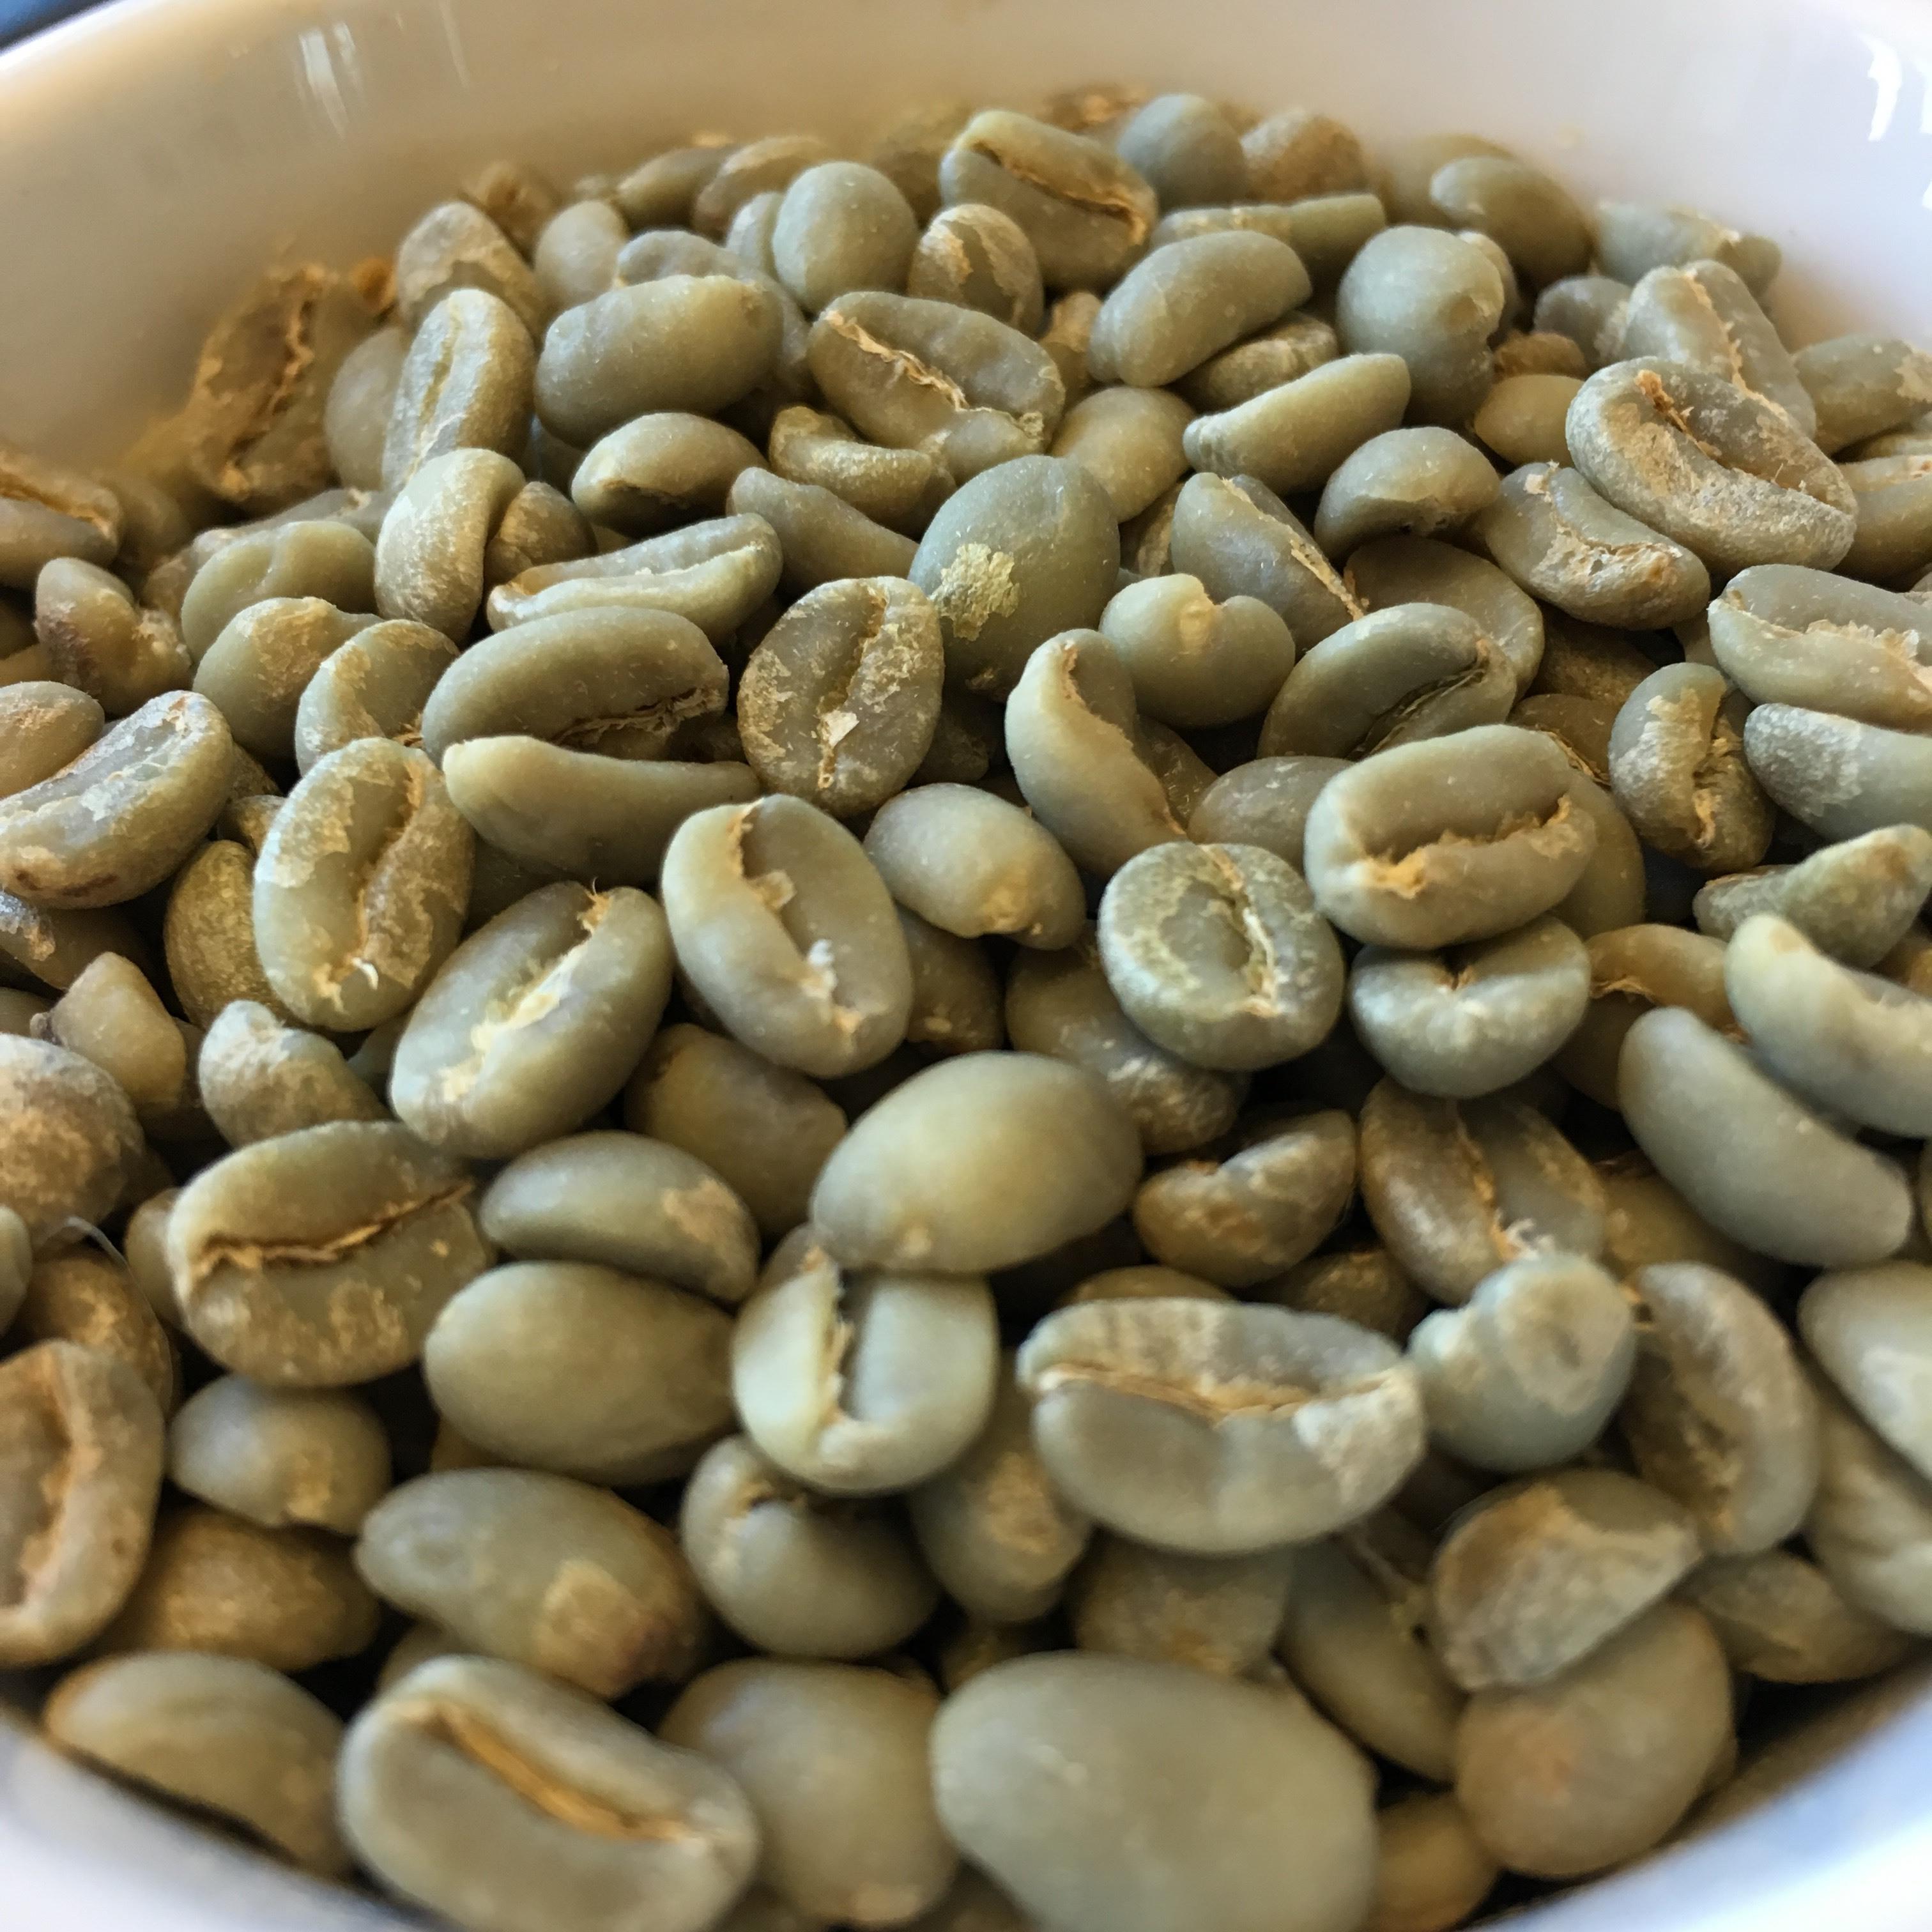 【コーヒー生豆・1kg】エチオピア イルガチェフ コンガ ヲッシュド【ETHIOPIA COFFEE Yirgacheffe Konga G-1 】